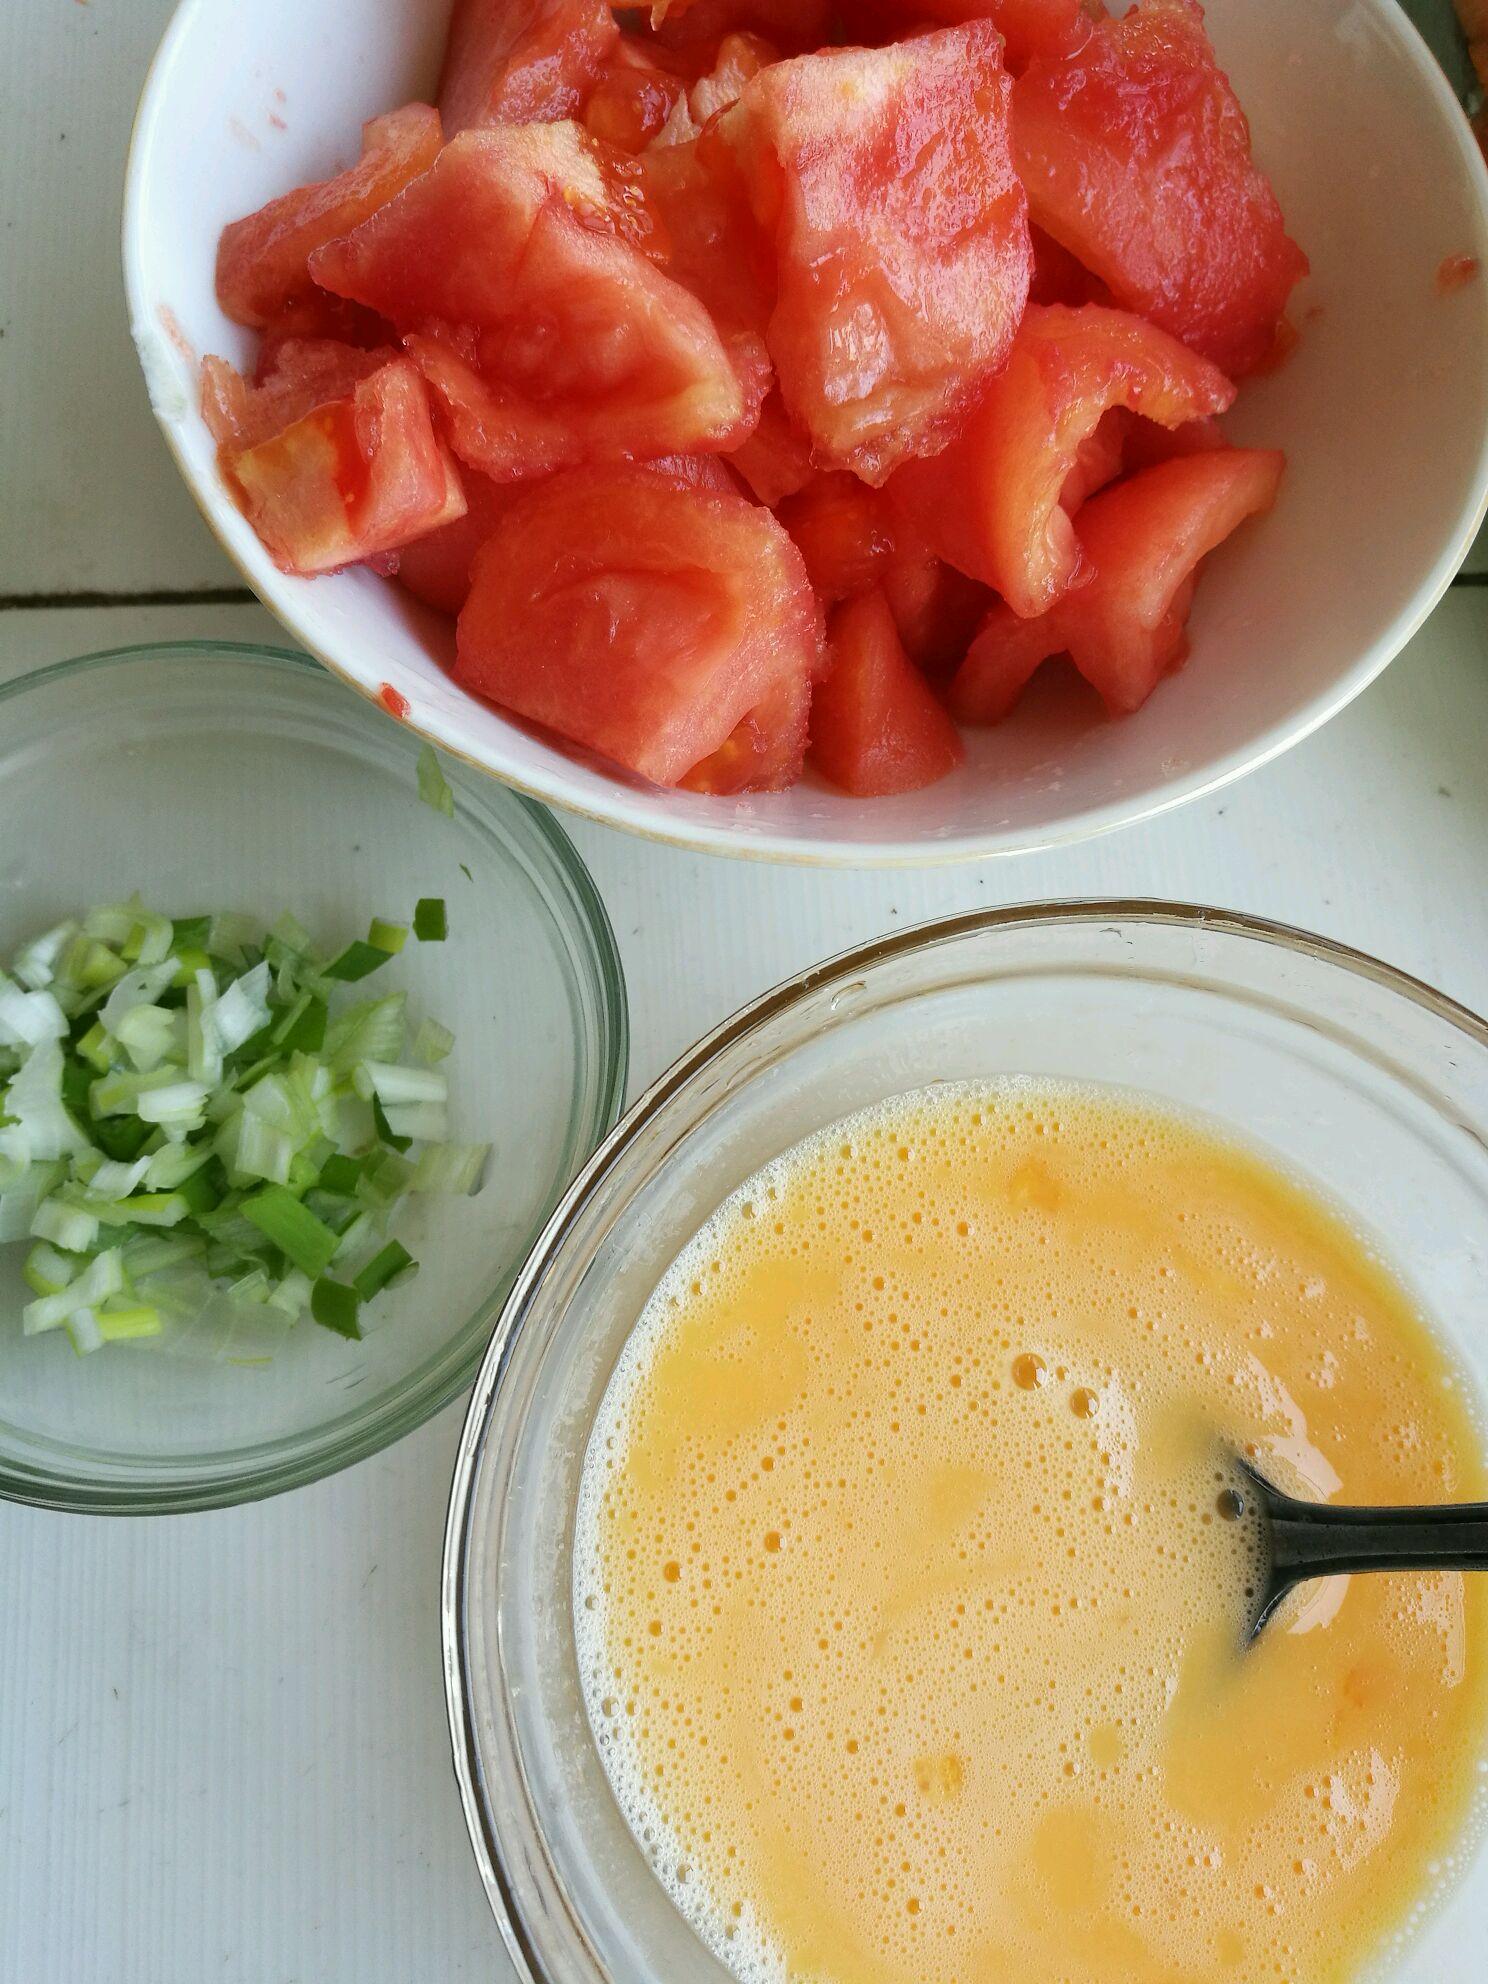 西红柿炒鸡蛋的做法步骤